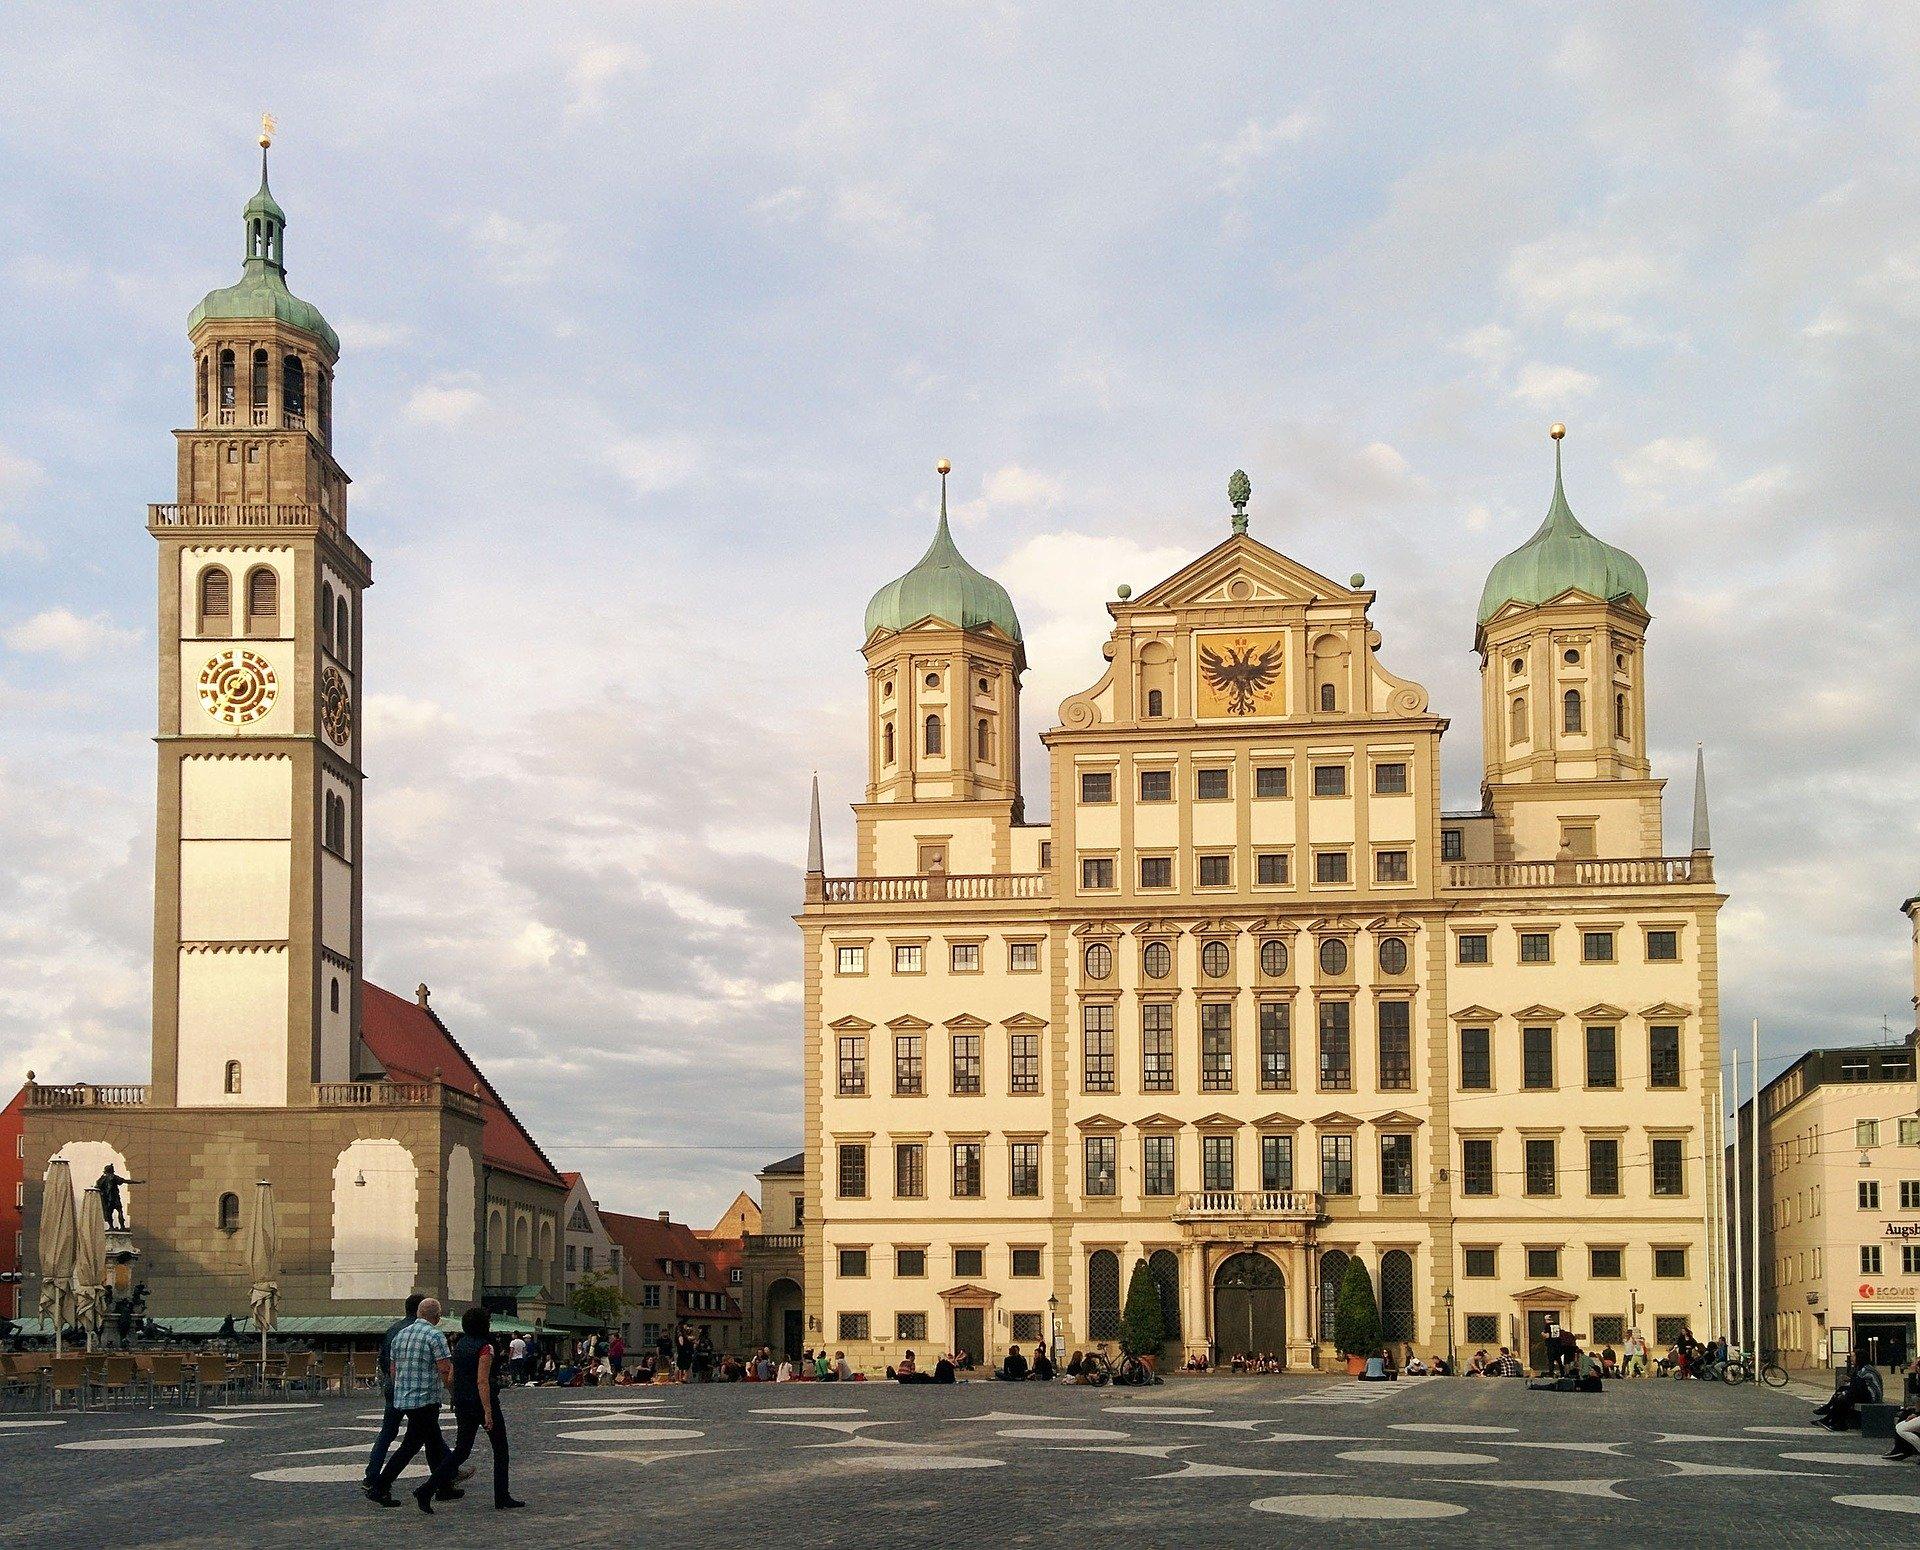 Ausblick Auf Das Rathaus In Augsburg